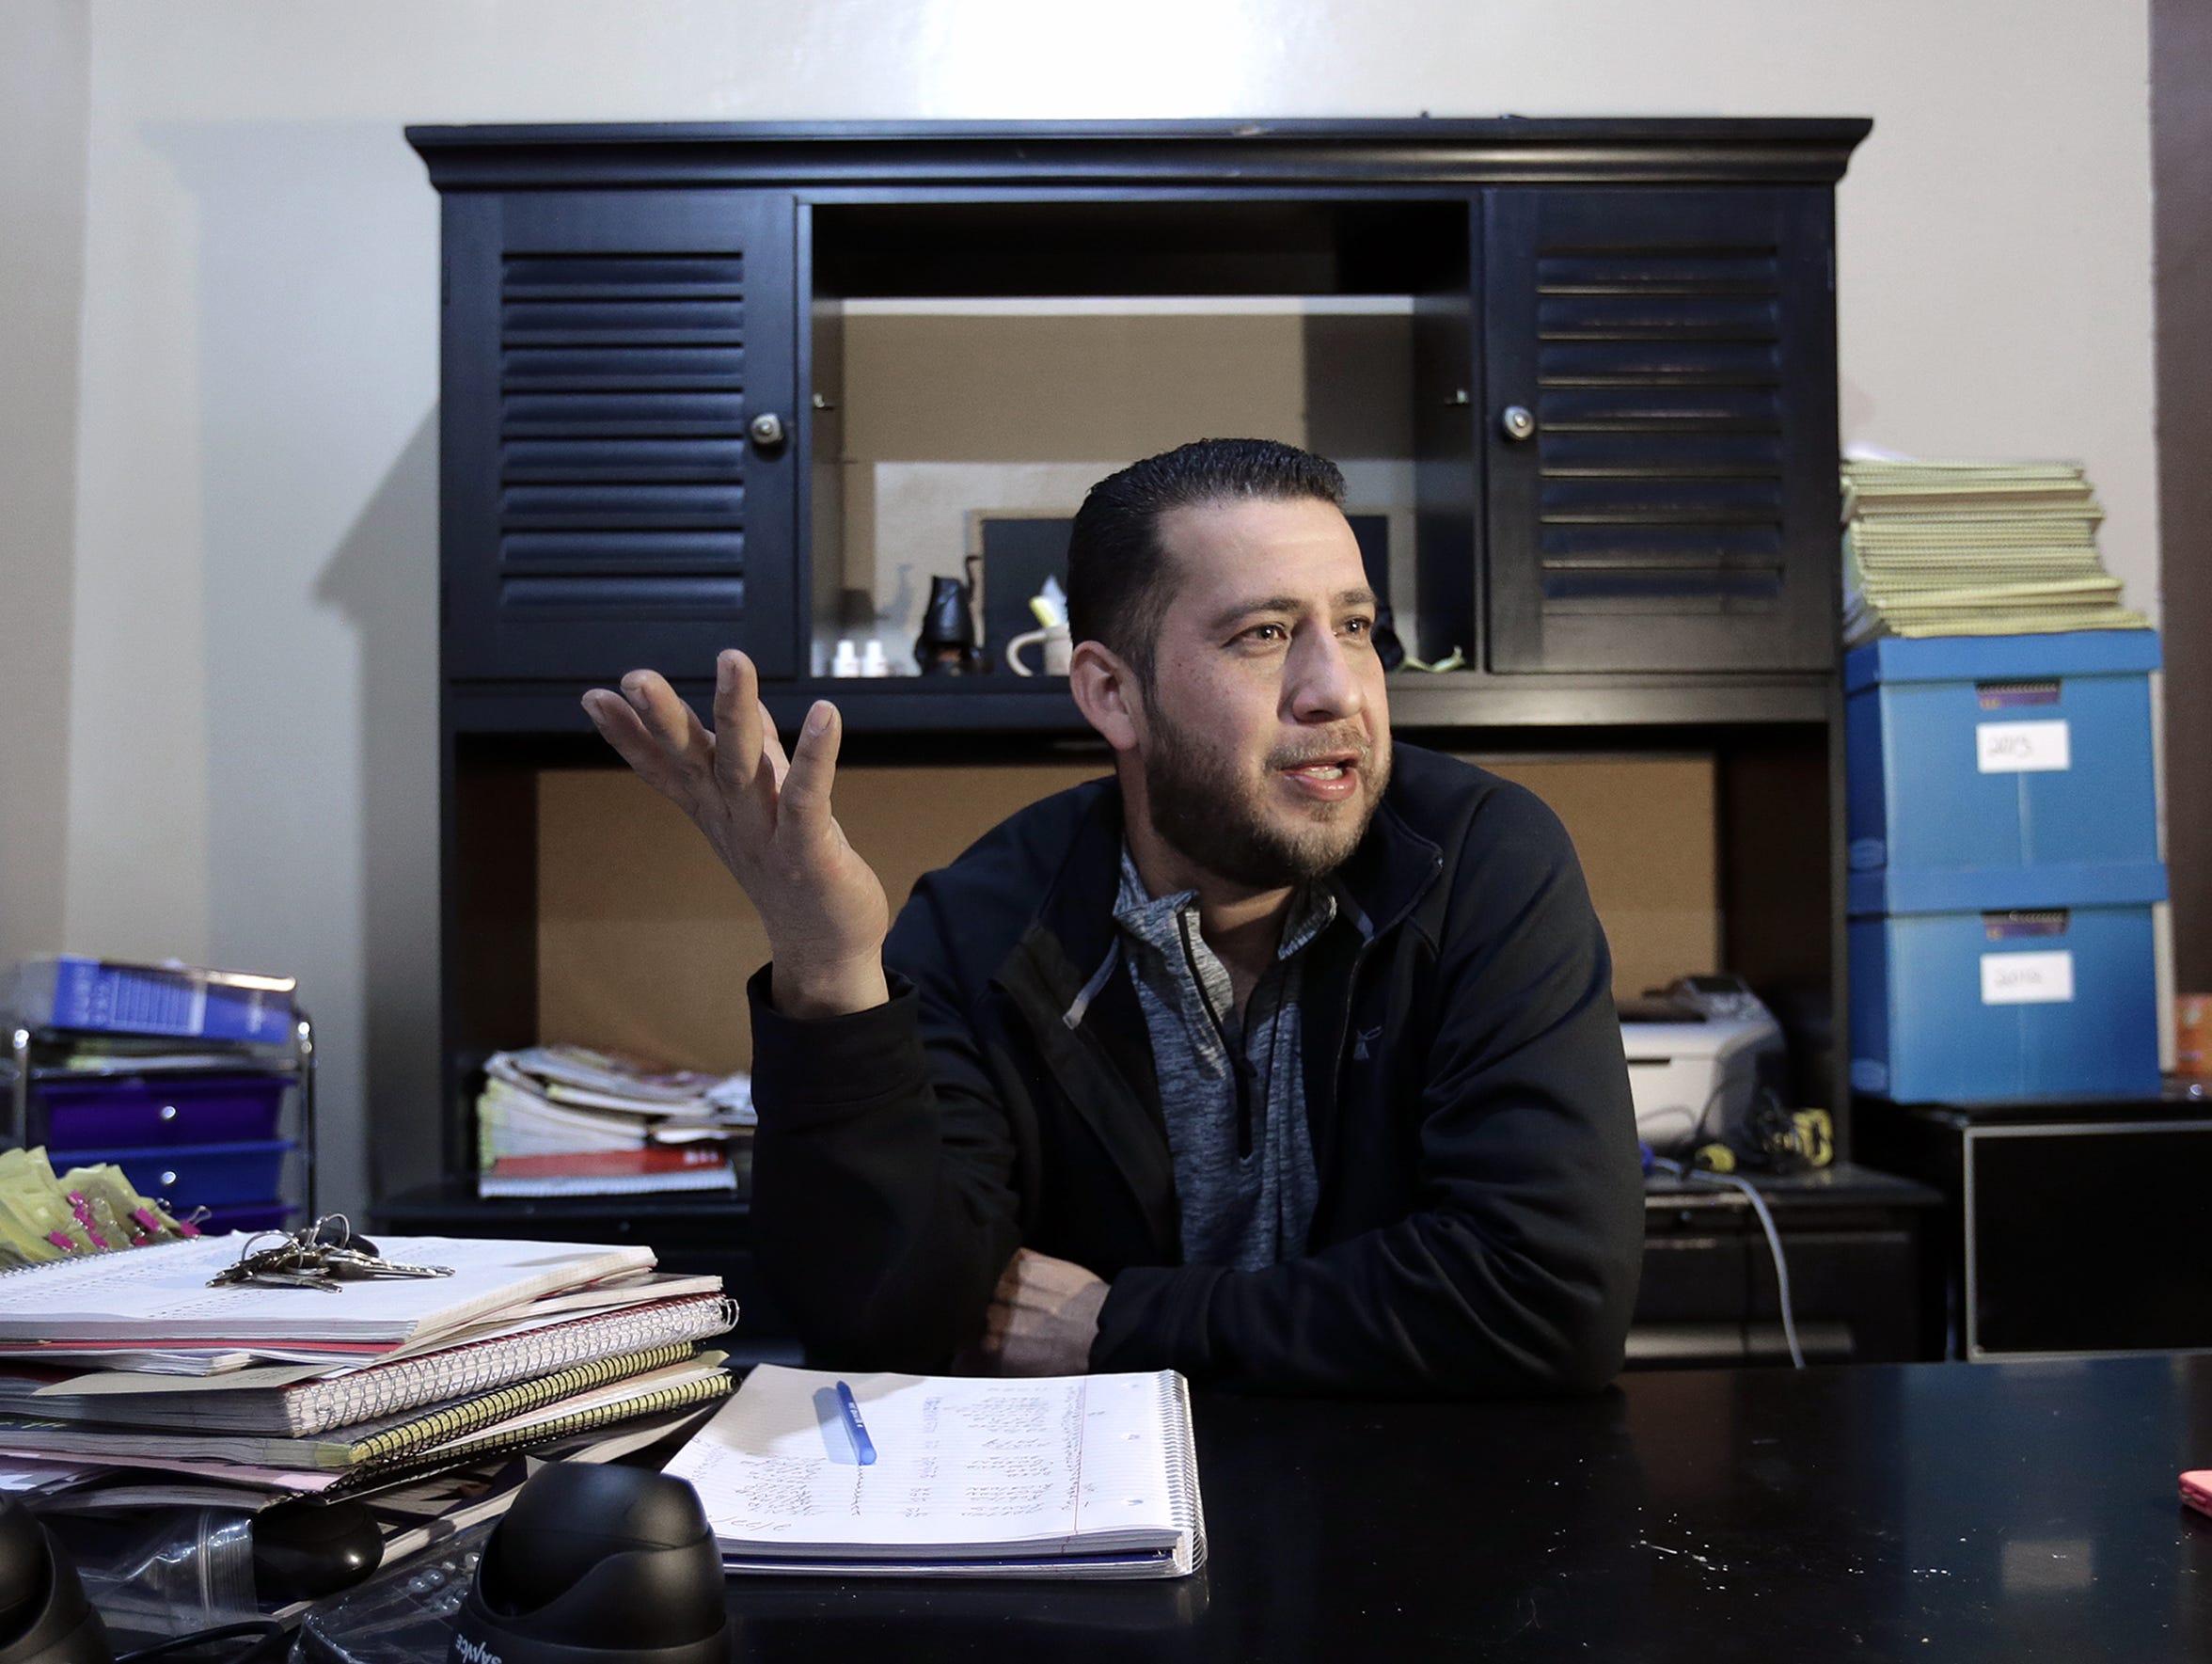 Jose Carranza owns El Tiradero Flea Market which lies